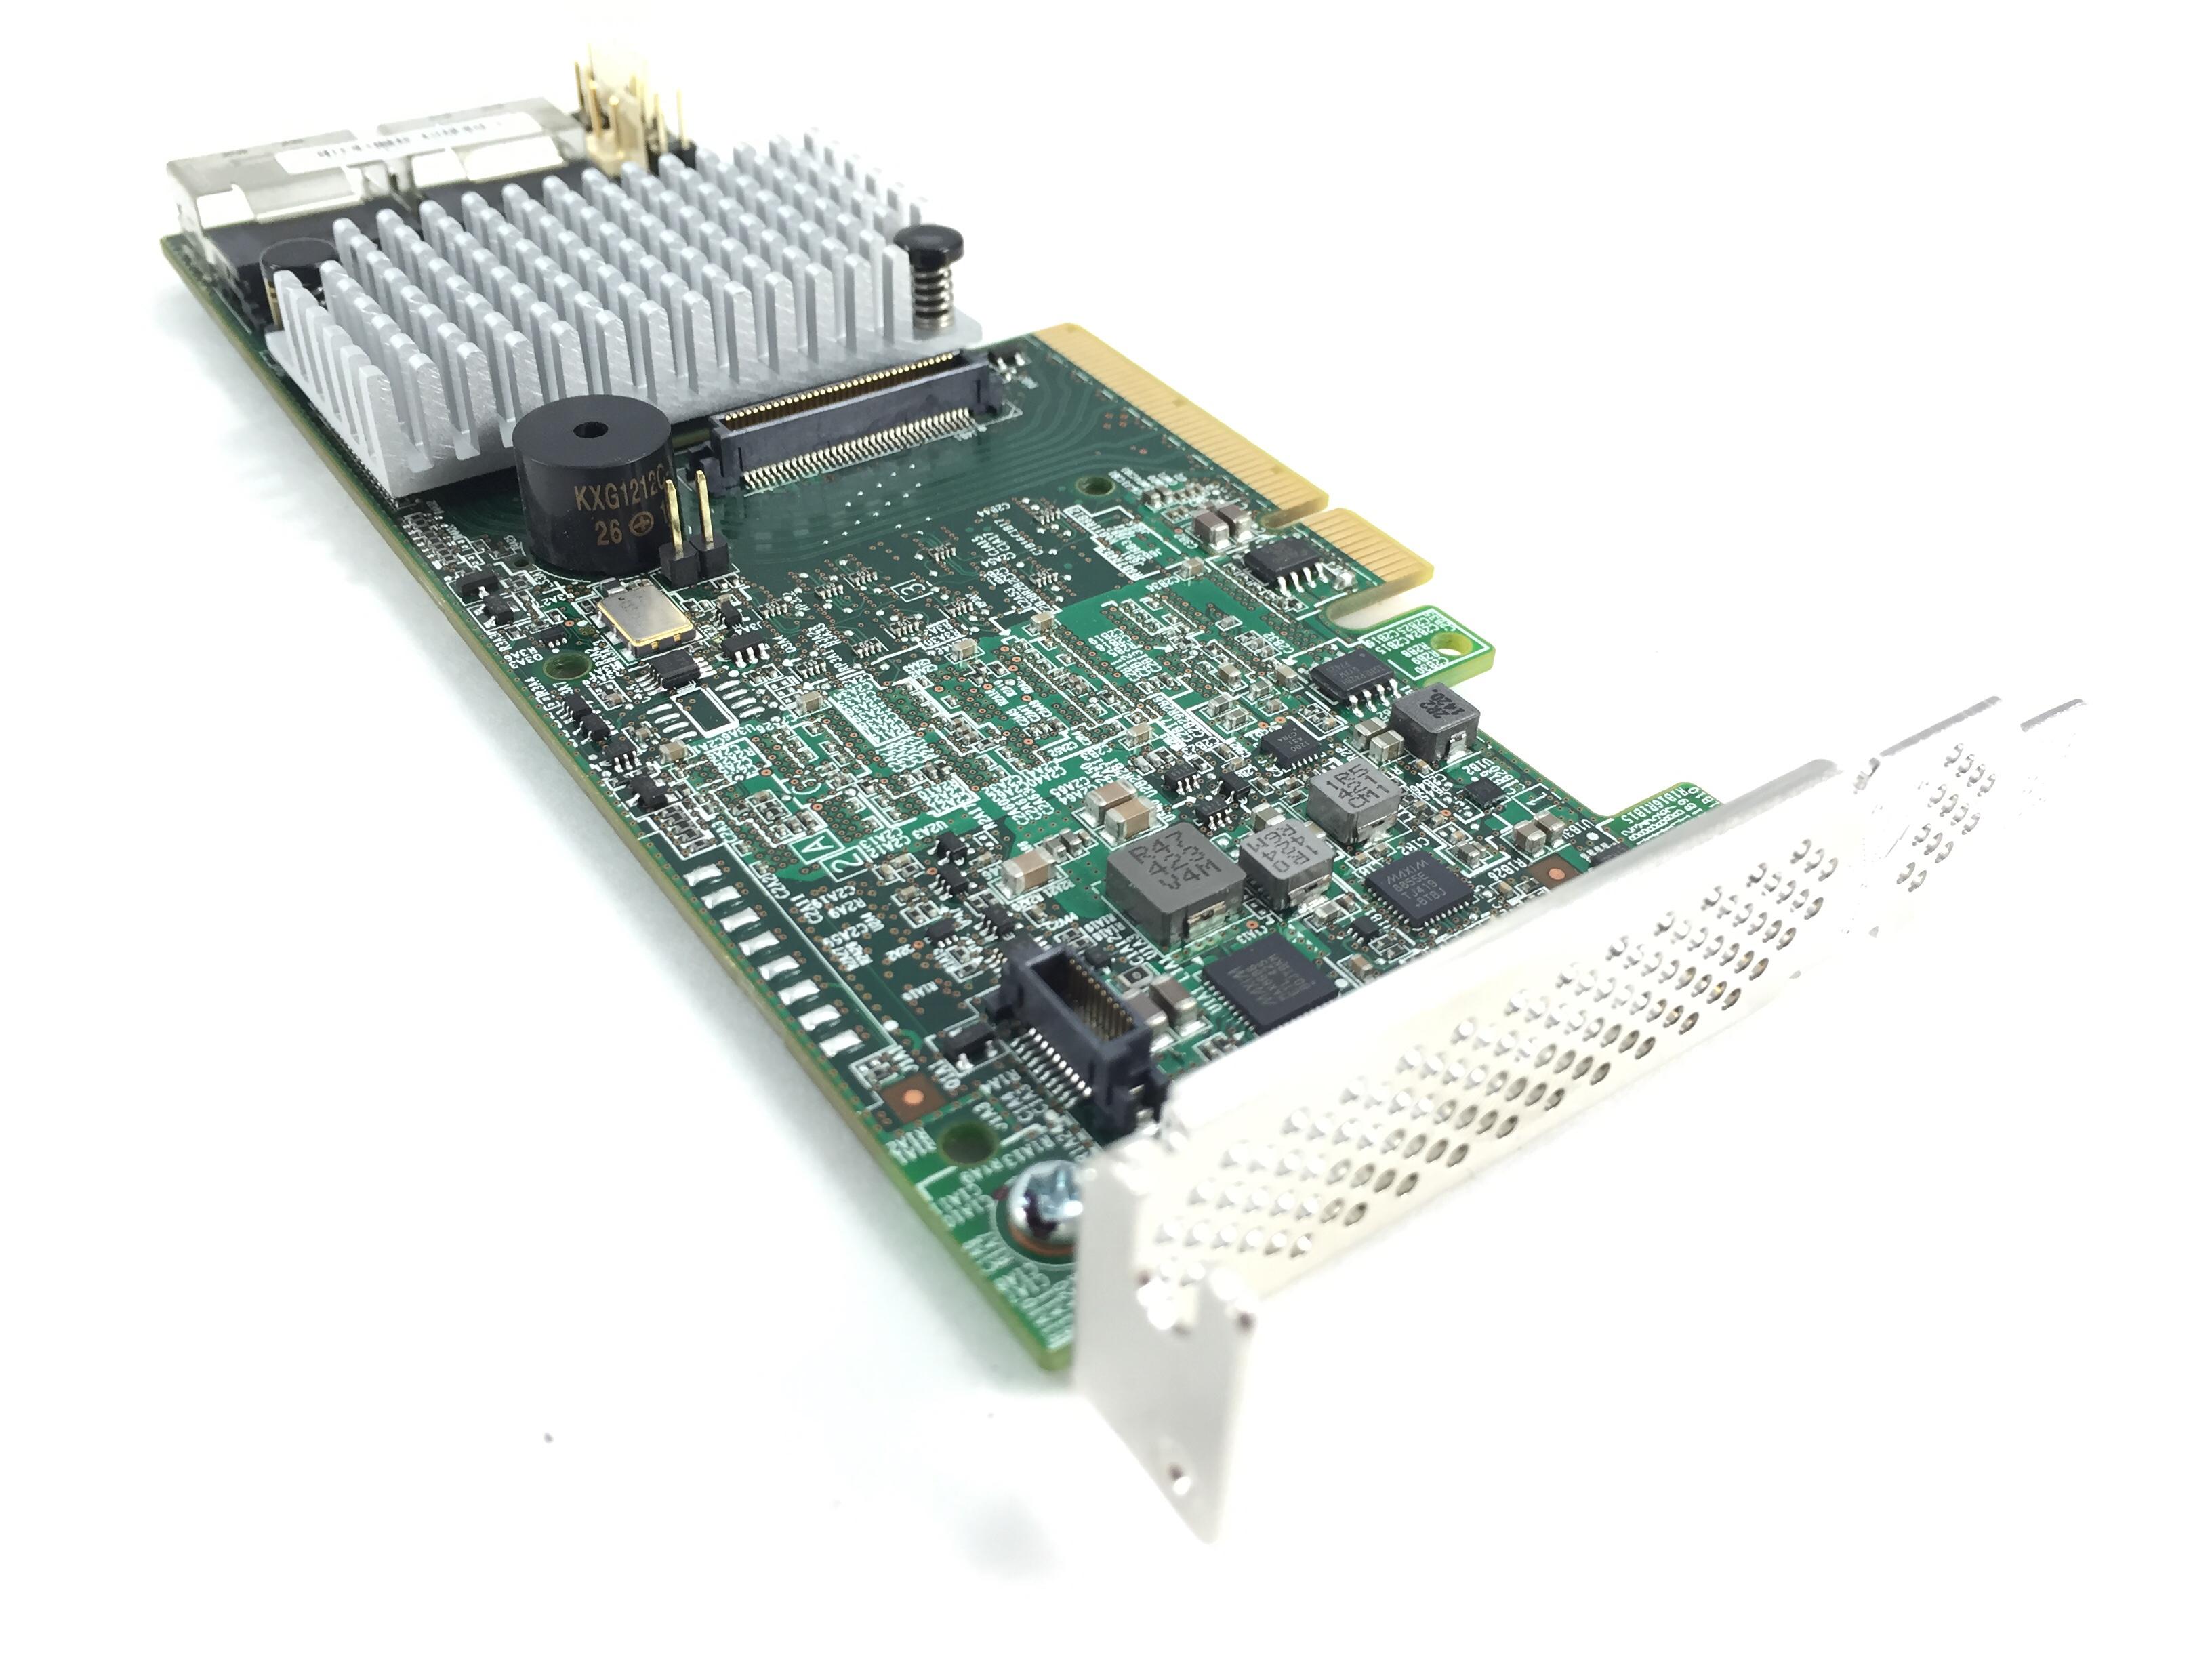 LSI Megaraid 9271-8I 8-Port 6Gb/s SATA SAS PCI-E Raid Controller (9271-8I)